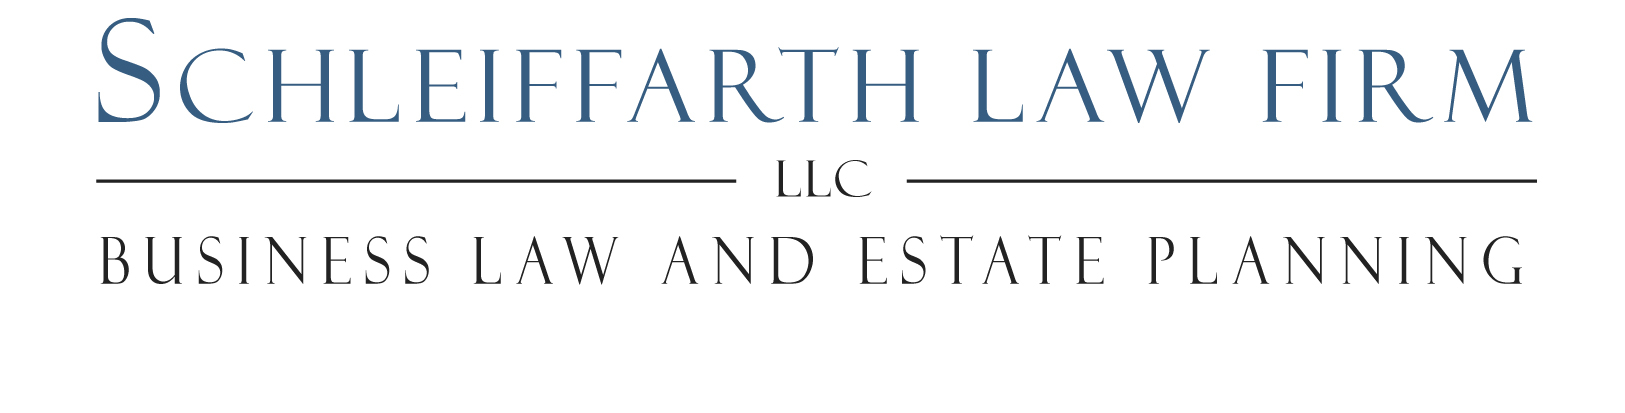 Schleiffarth Law Firm LLC